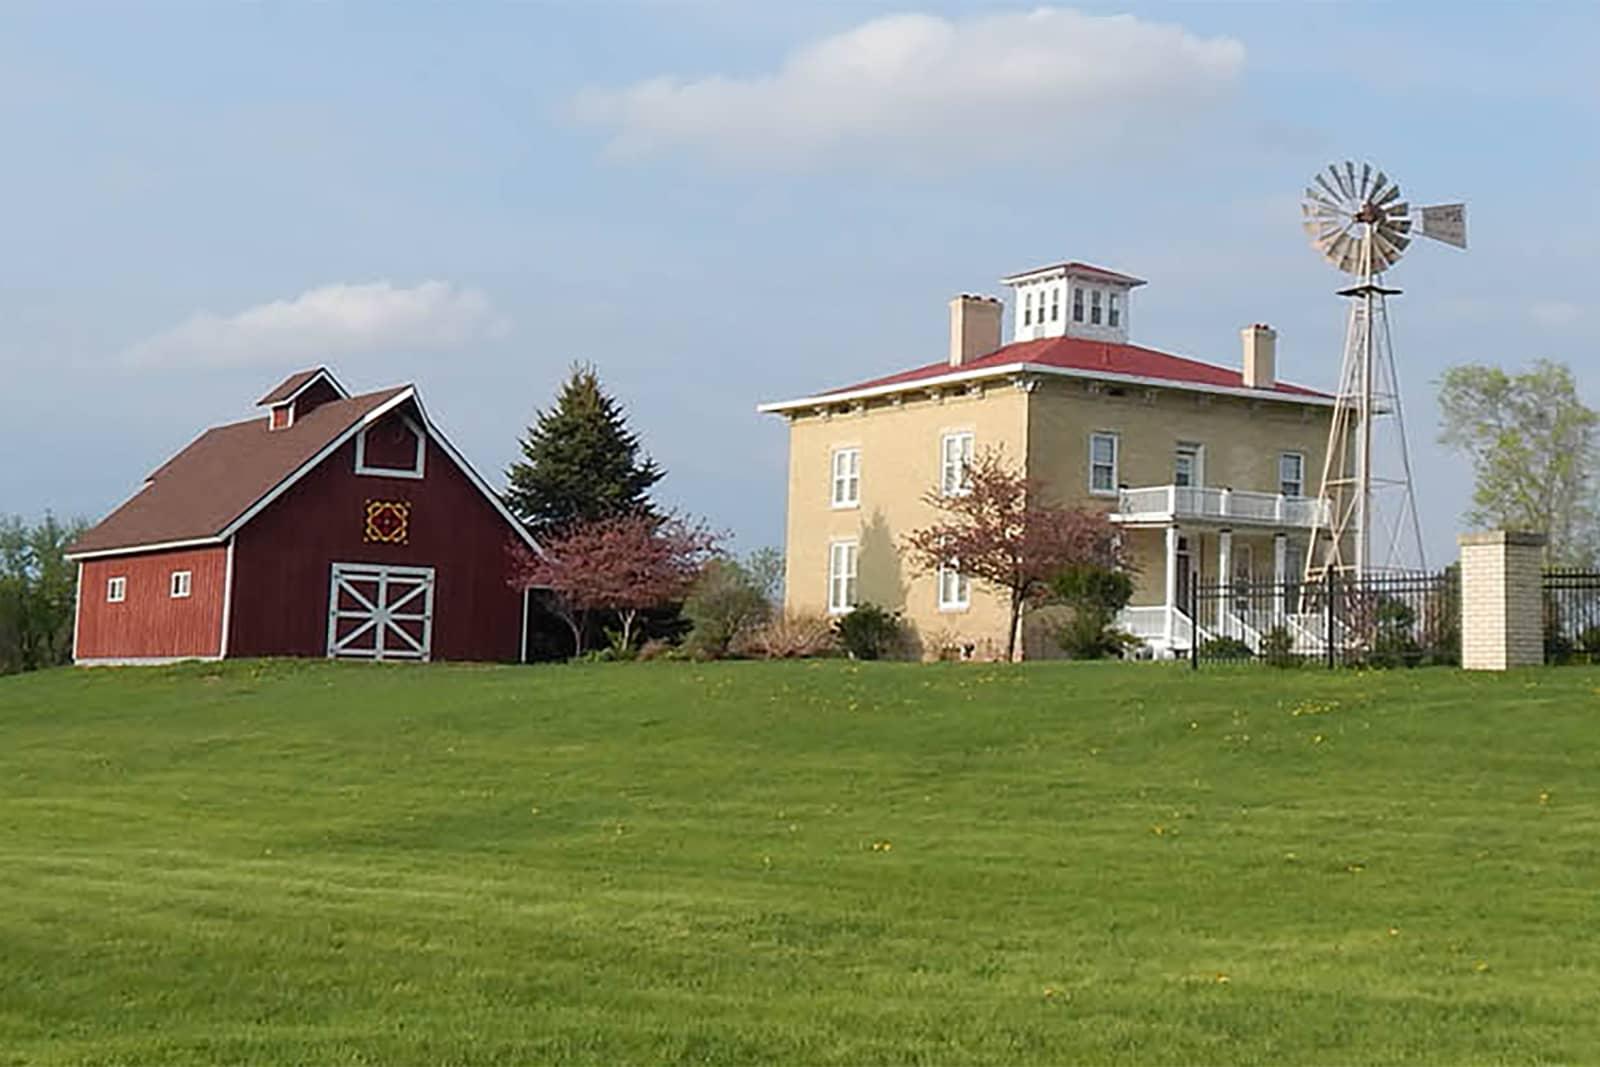 South Beloit, Illinois